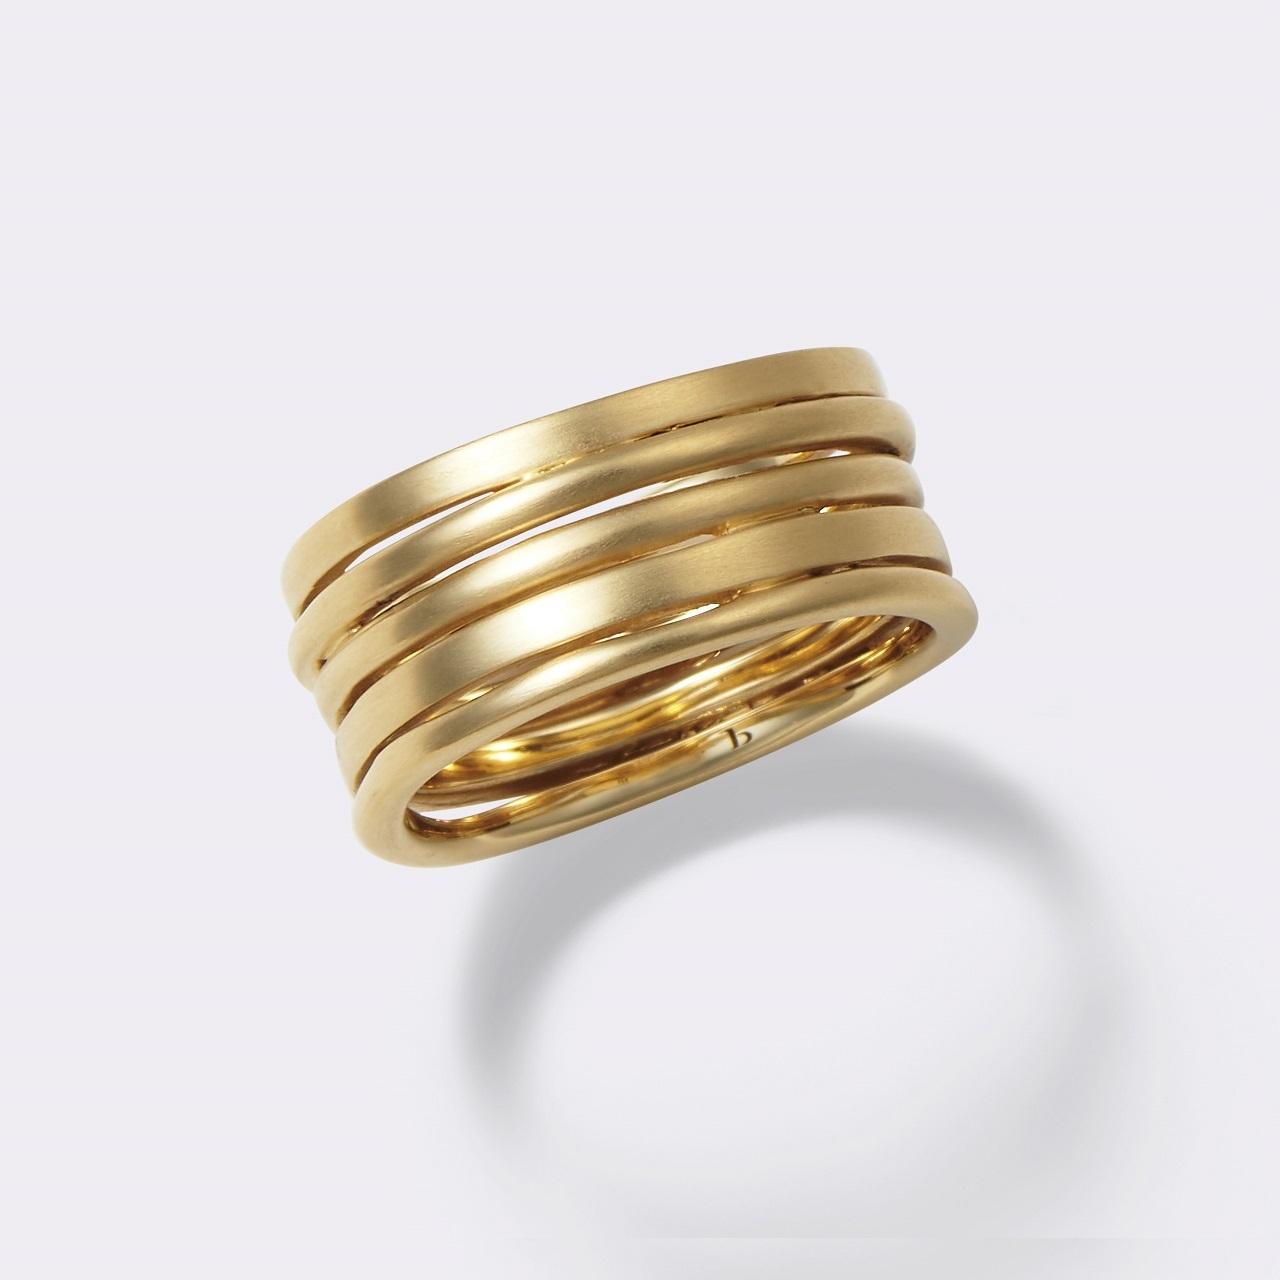 Couche Ring K18YG( クッシュリング K18イエローゴールド)